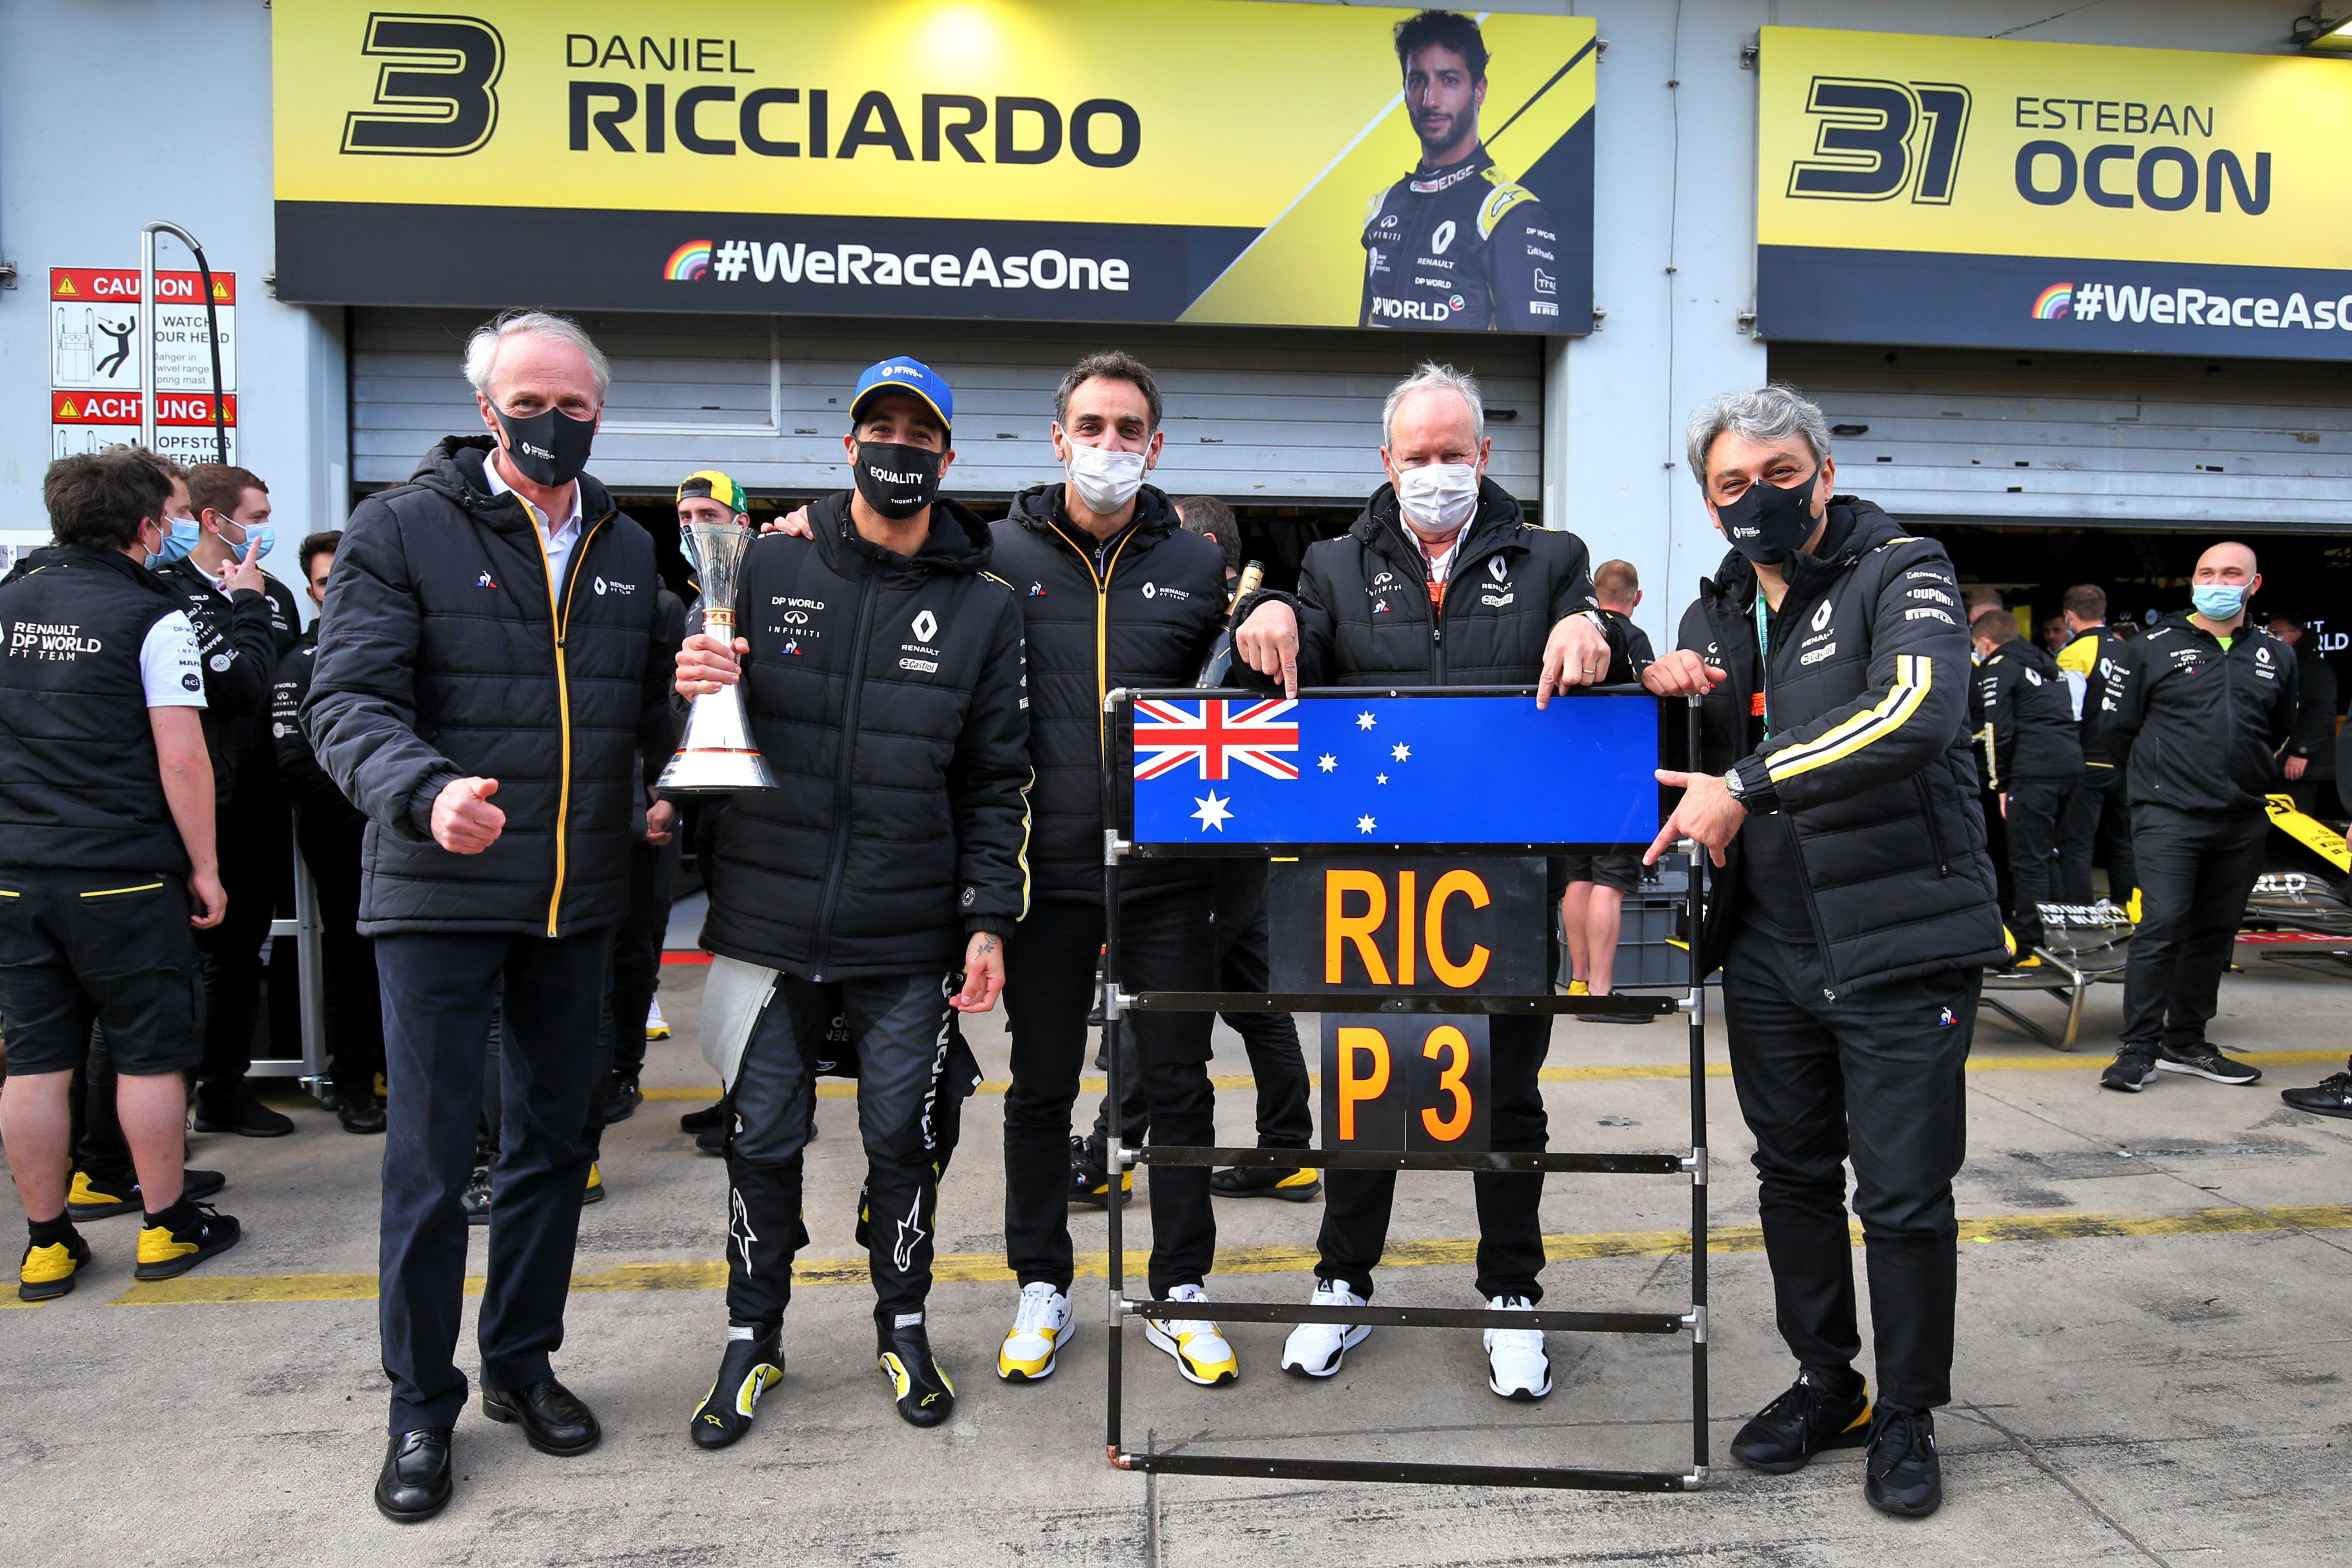 F1 2020 – DANIEL RICCIARDO HEUREUX de son 1er podium avec l'equipe RENAULT de Jérome STROOLL et Cyril ABITEBOUL